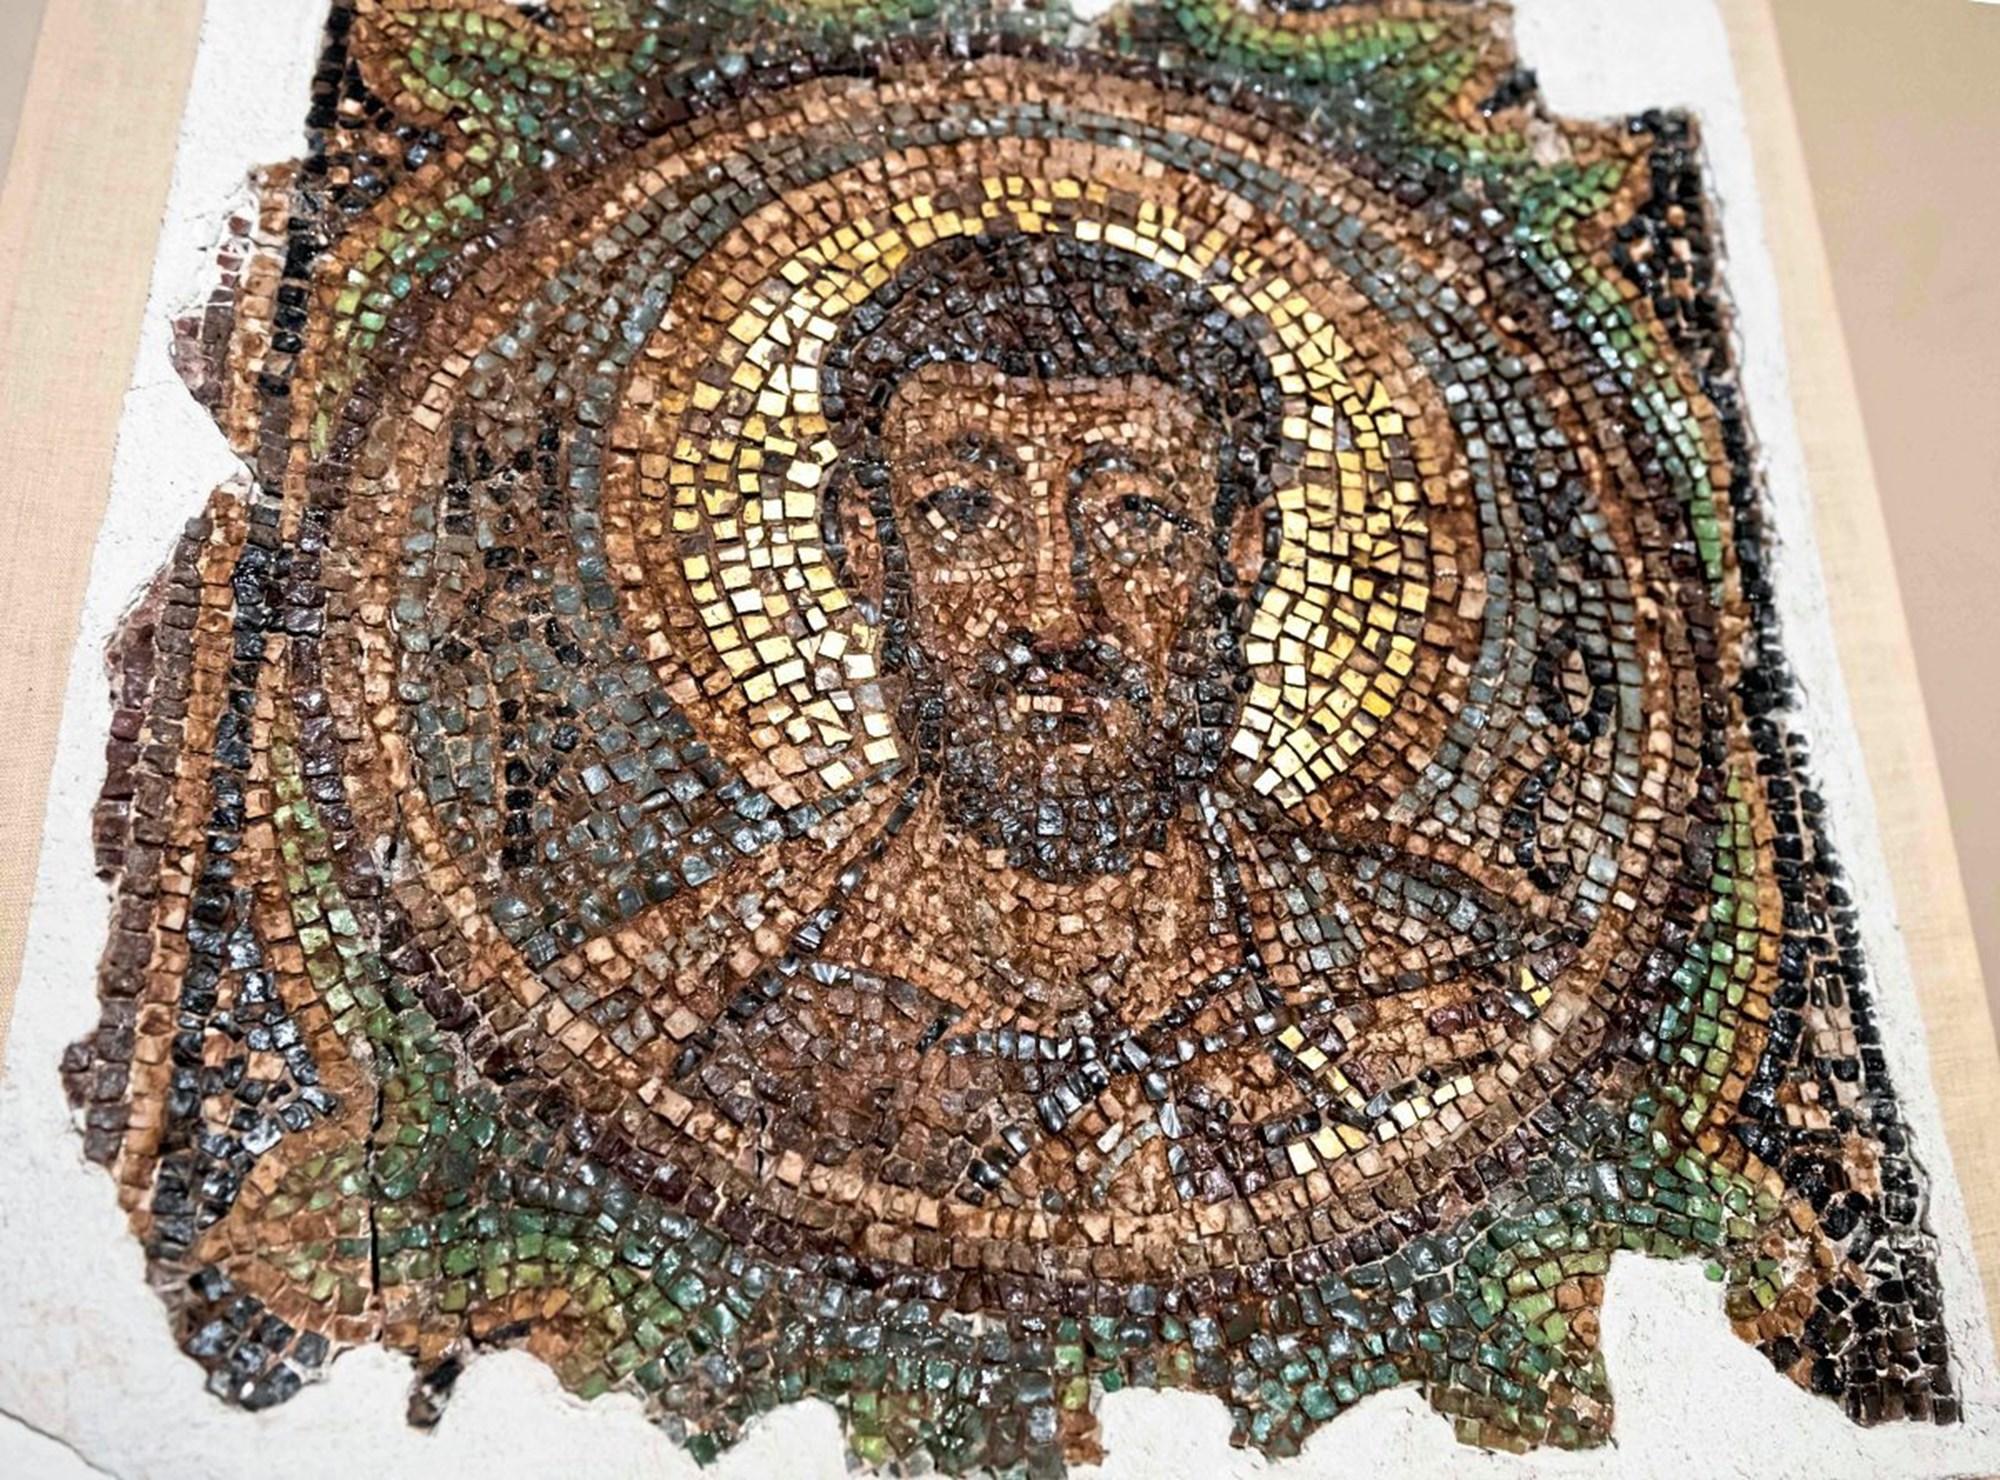 Byzantinisches Mosaik kehrt nach Zypern zurück